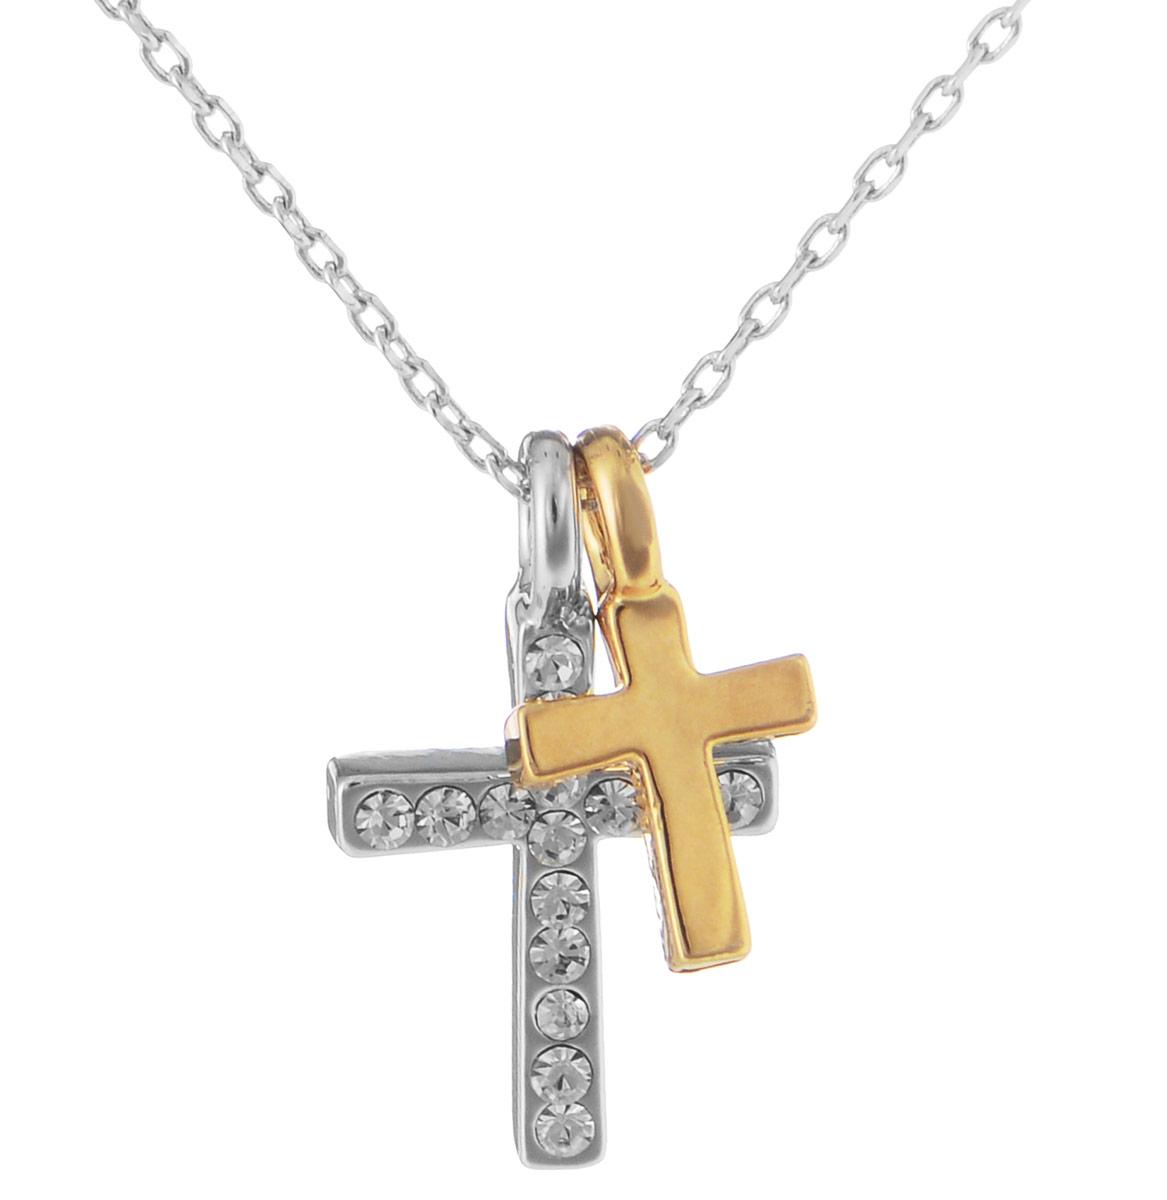 Кулон Art-Silver, цвет: серебряный, черный, золотой, 2 шт. 10785-539